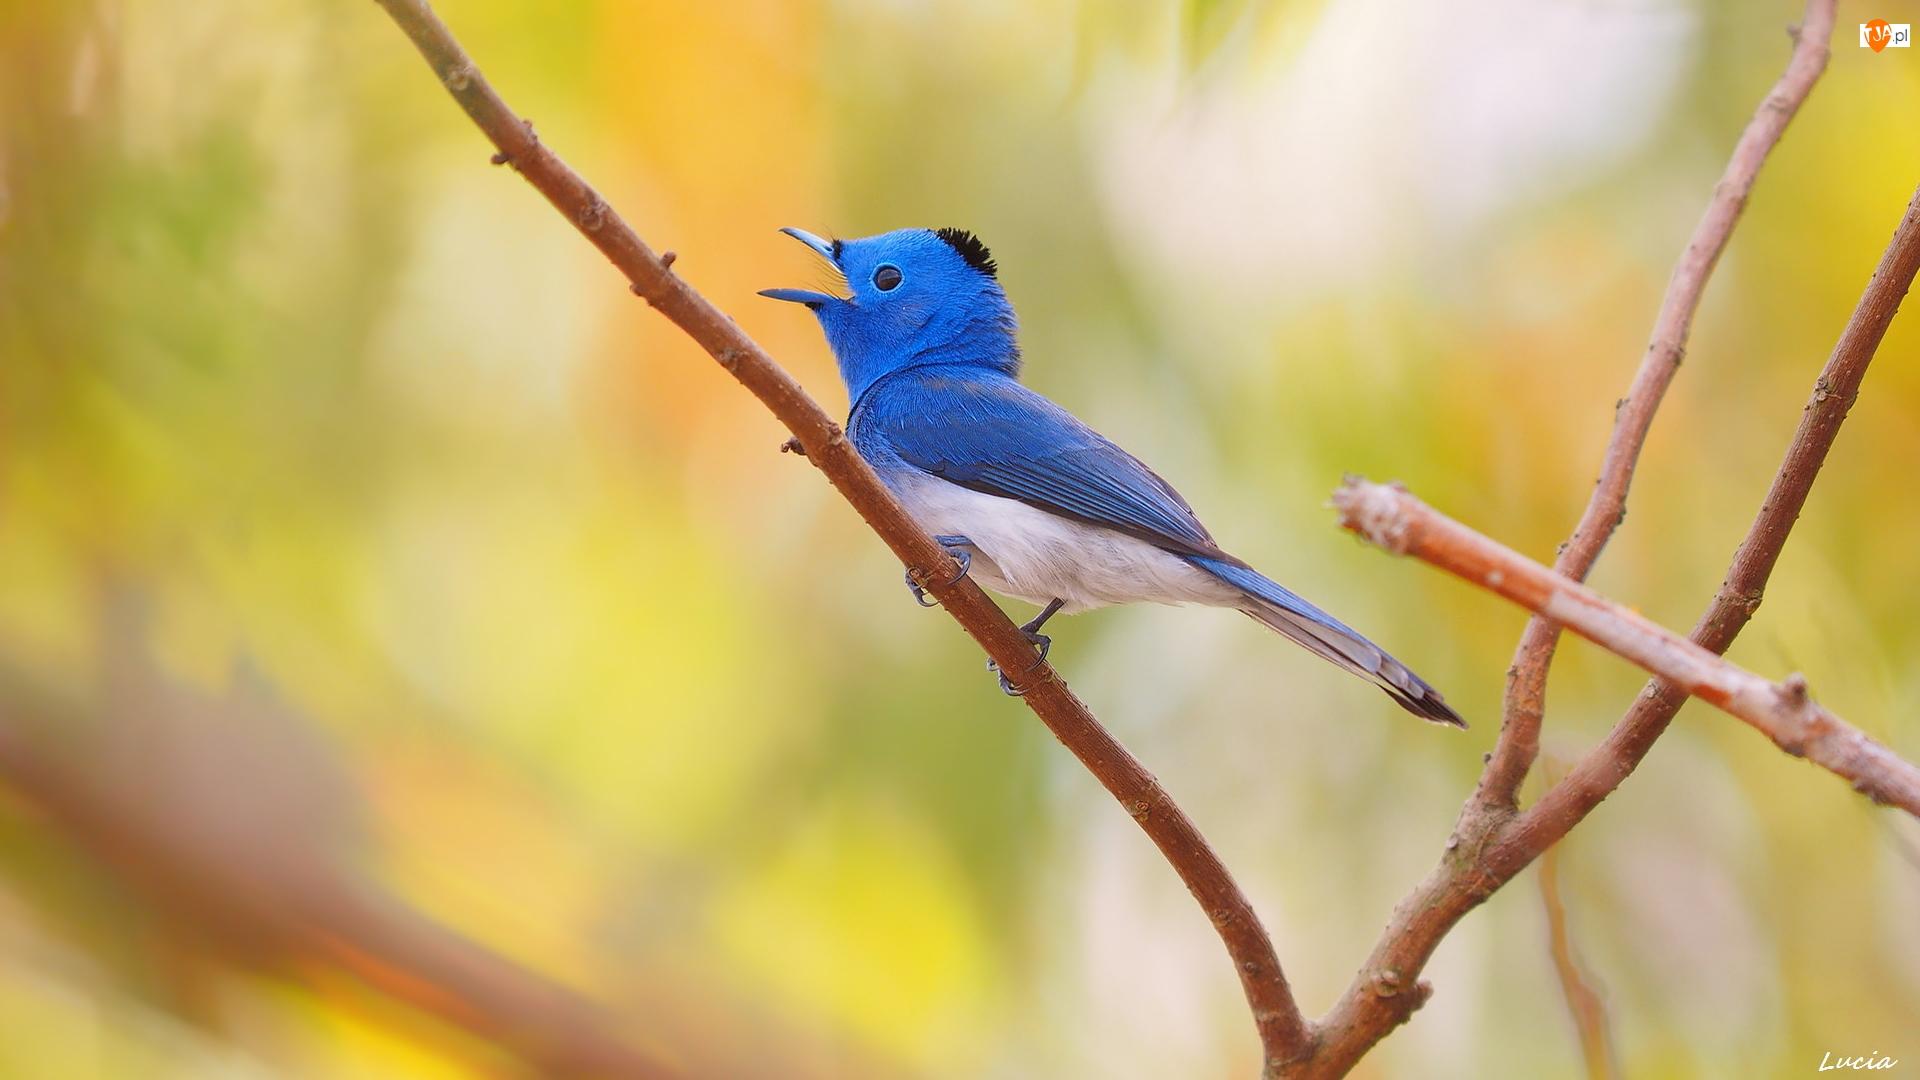 Gałązki, Monarszyk hiacyntowy, Niebieski, Ptak